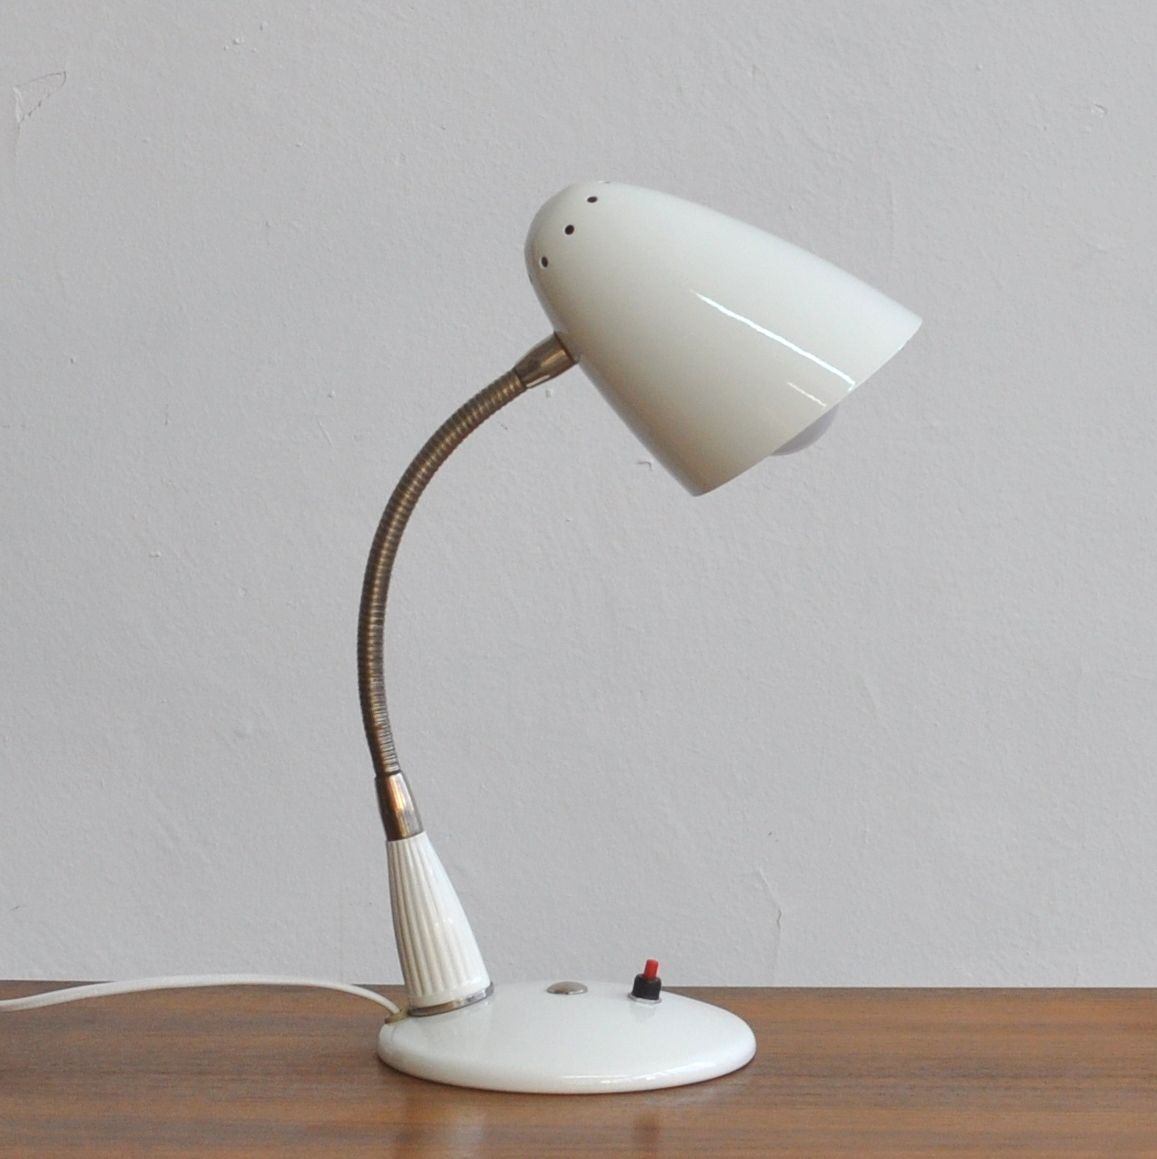 Tischlampe von A. Galecki für Polam MEOS, 1970er